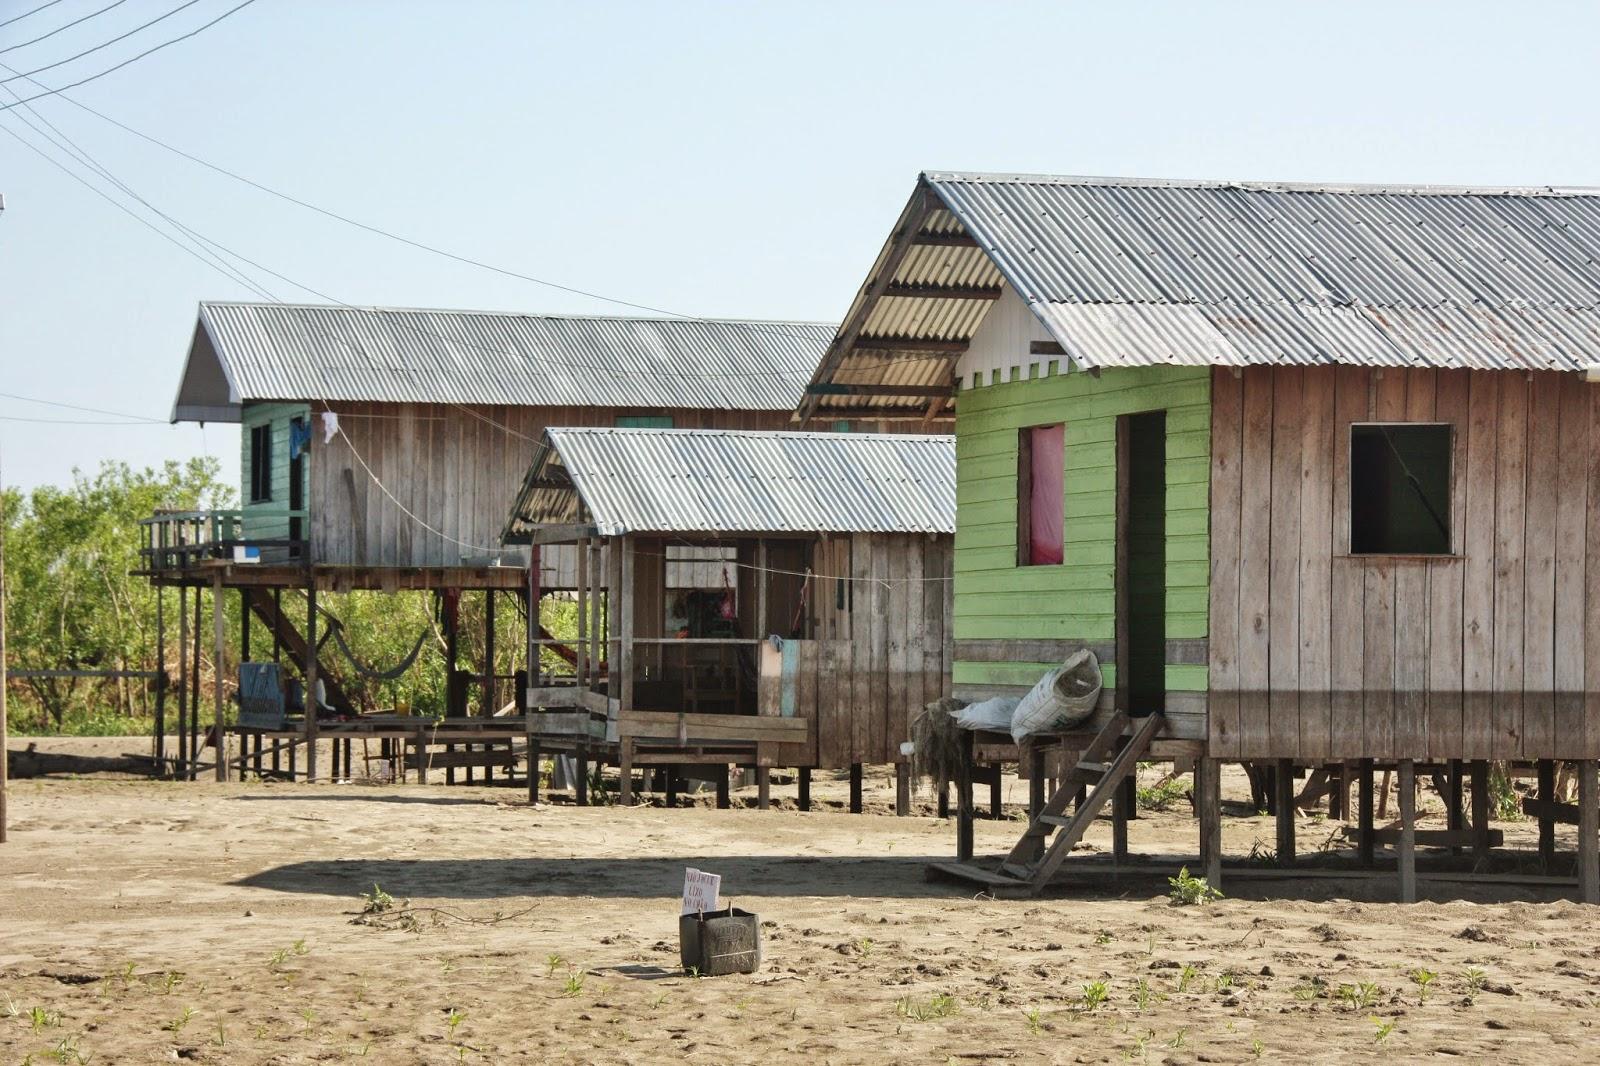 Casas de palafita na Comunidade Caburini, em Mamirauá.